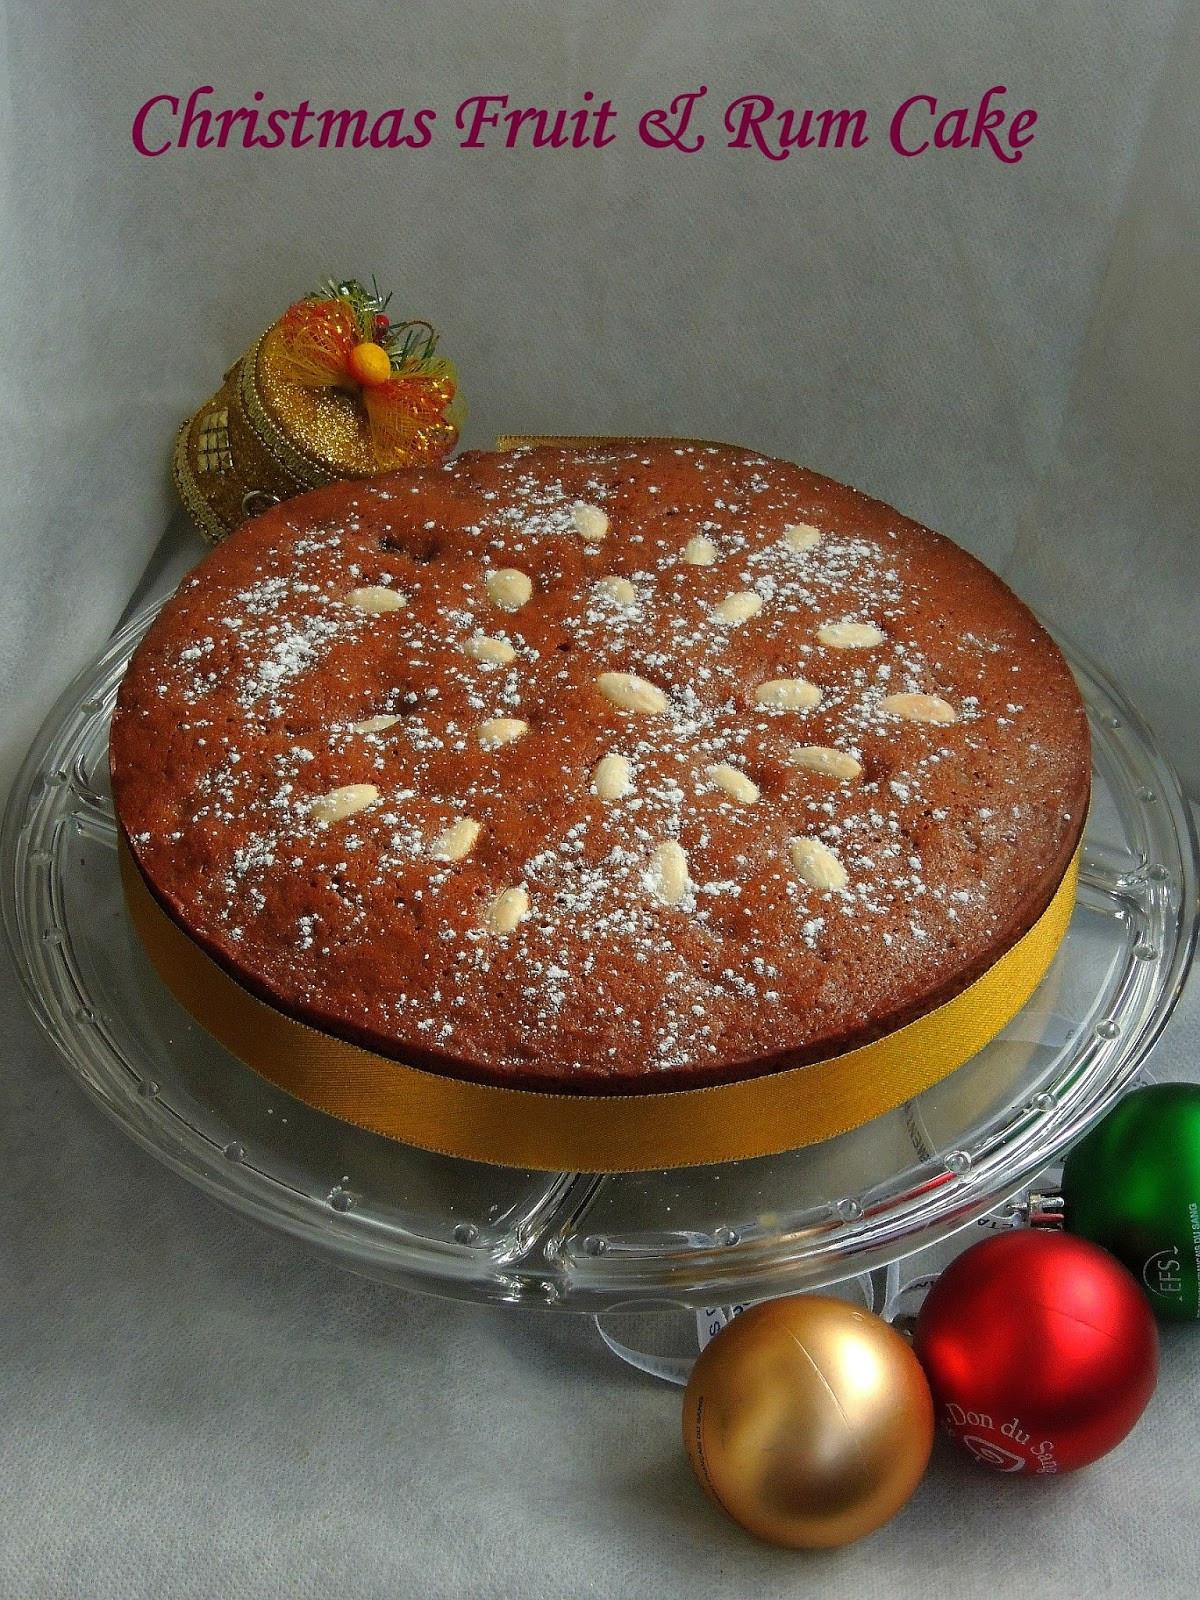 Christmas Fruit Cake Recipe With Rum  Priya s Versatile Recipes Christmas Fruit & Rum Cake